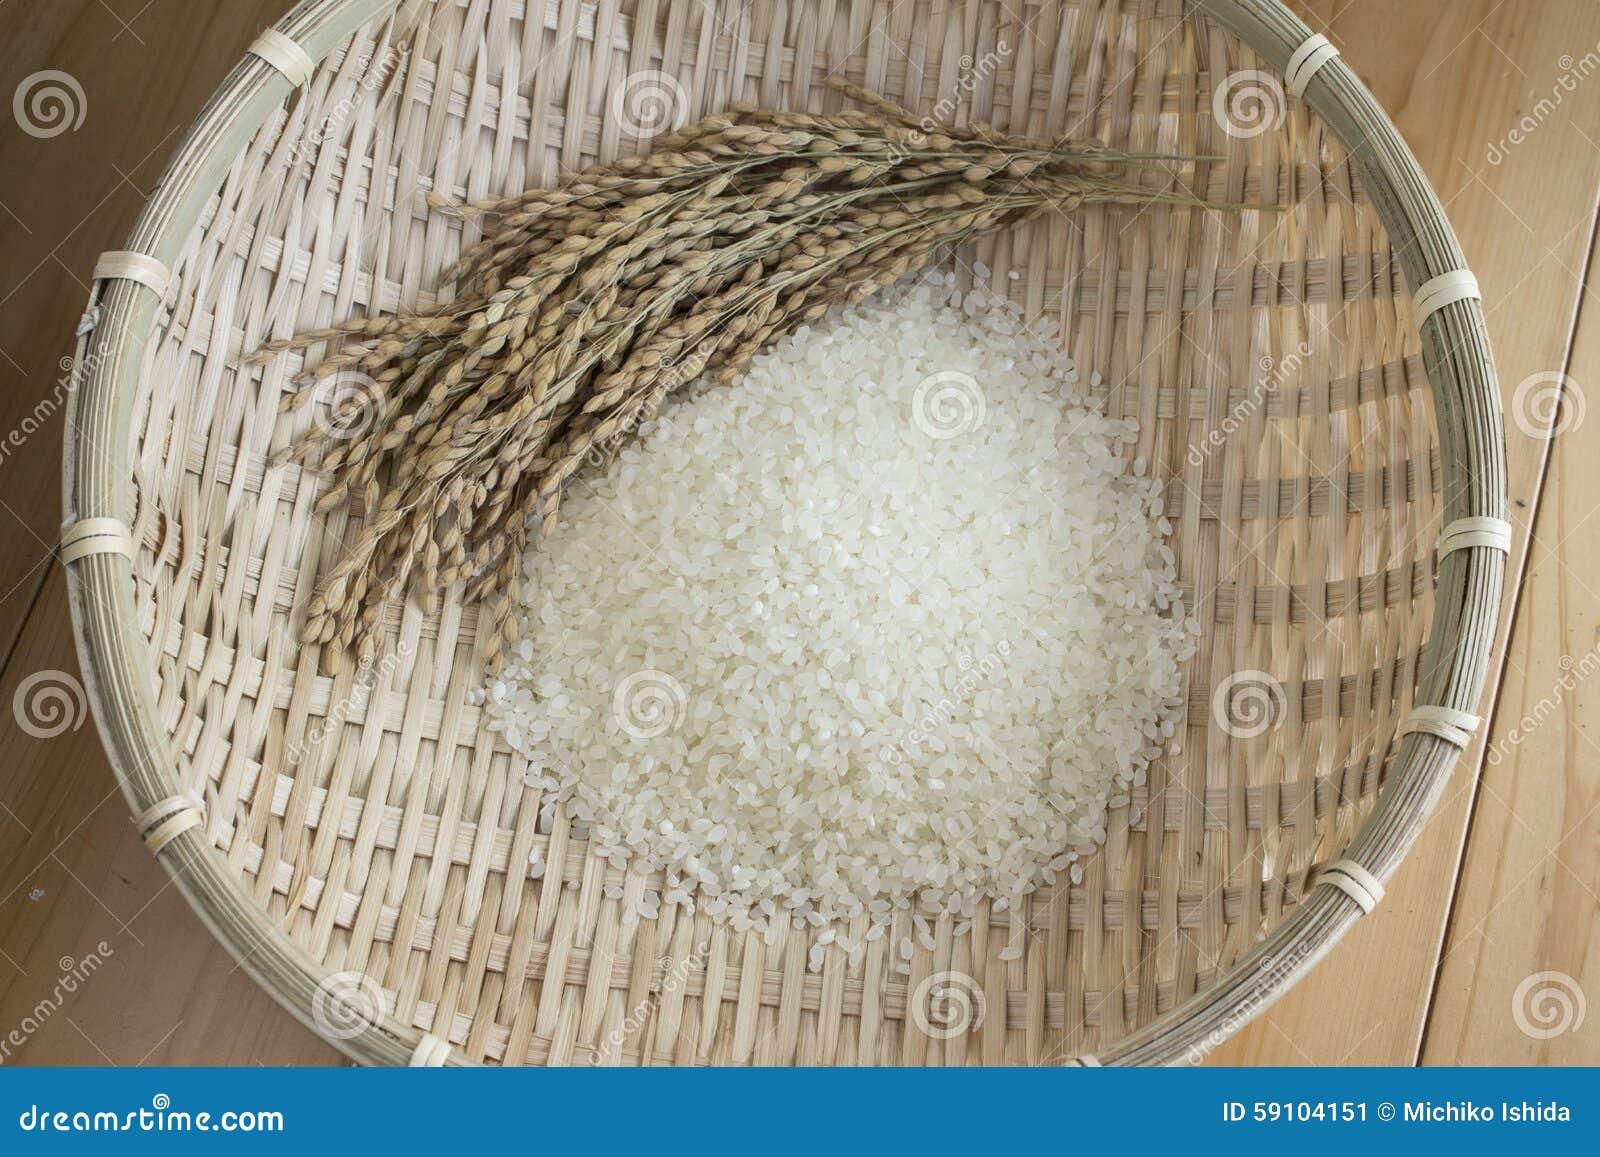 米和粮食作物一个竹篮子的